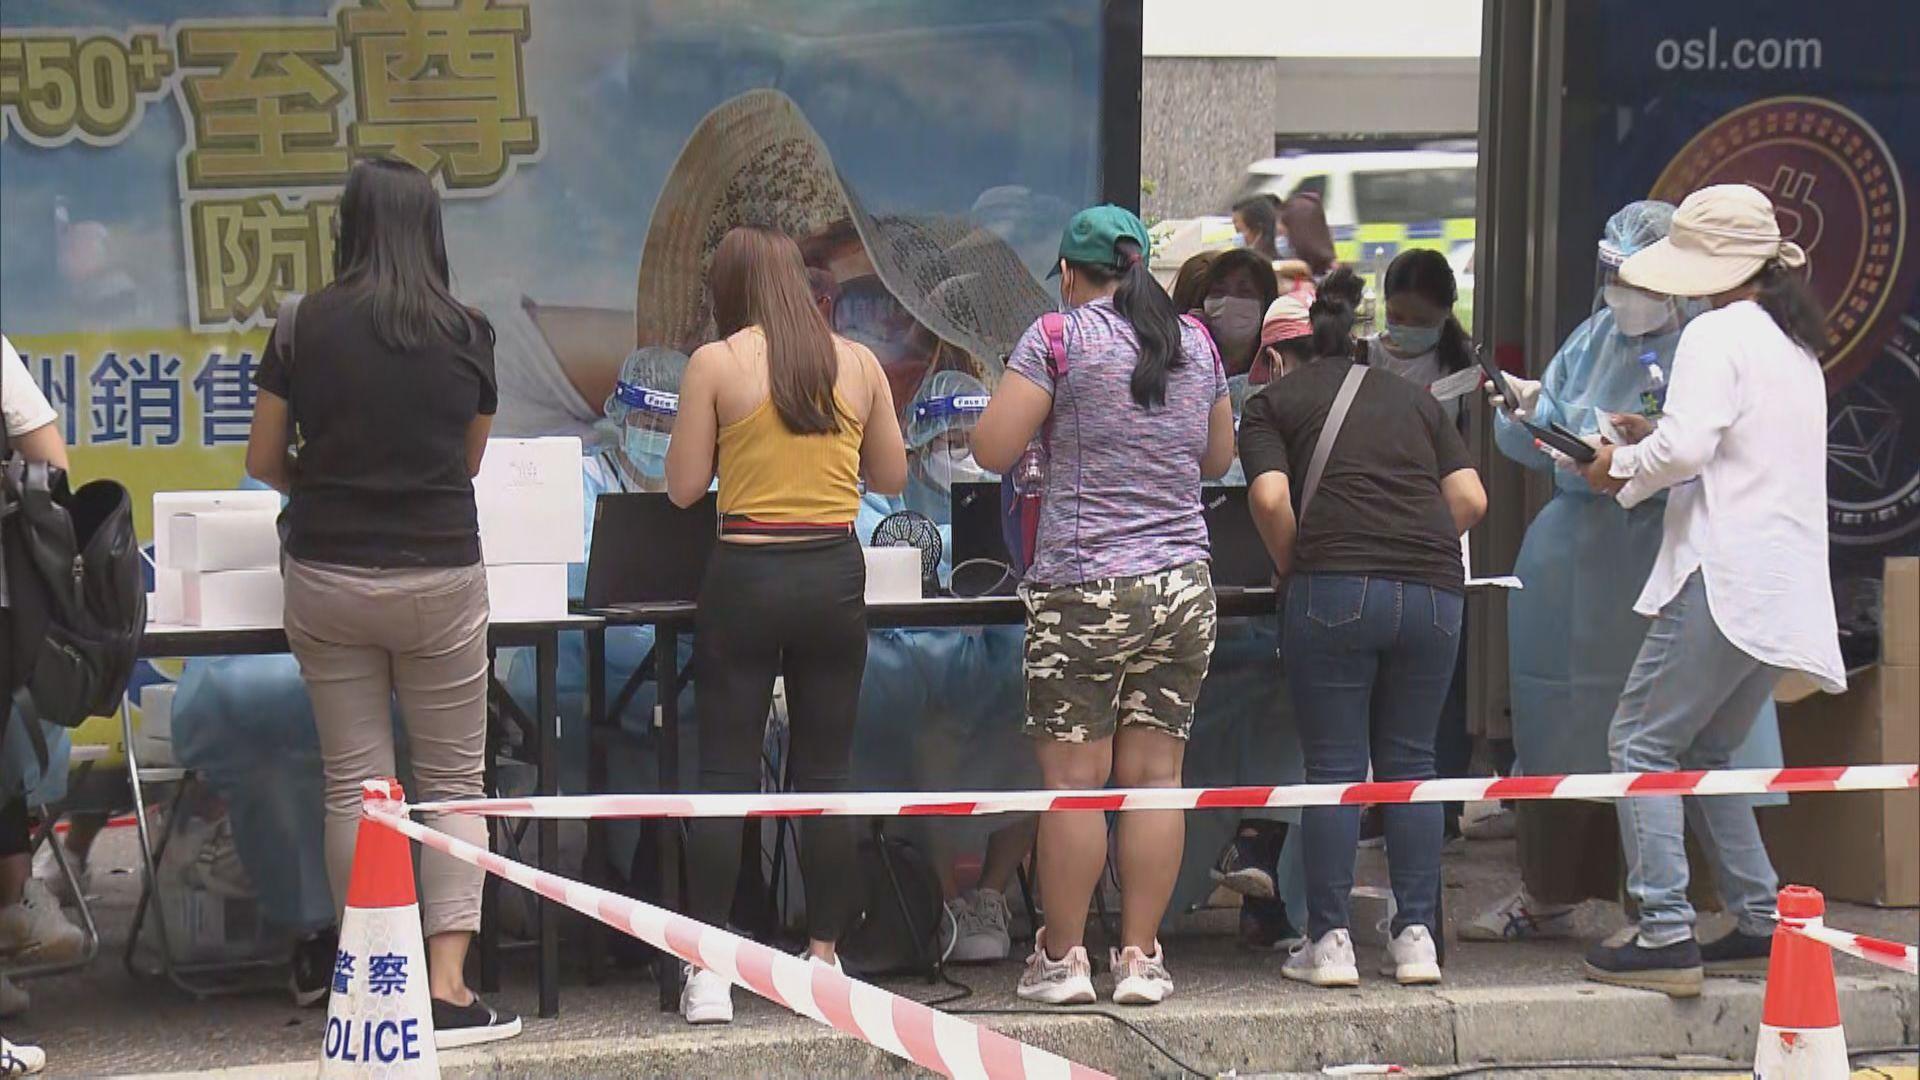 食衞局:周末已為逾十萬名外傭檢測 暫無初步陽性結果